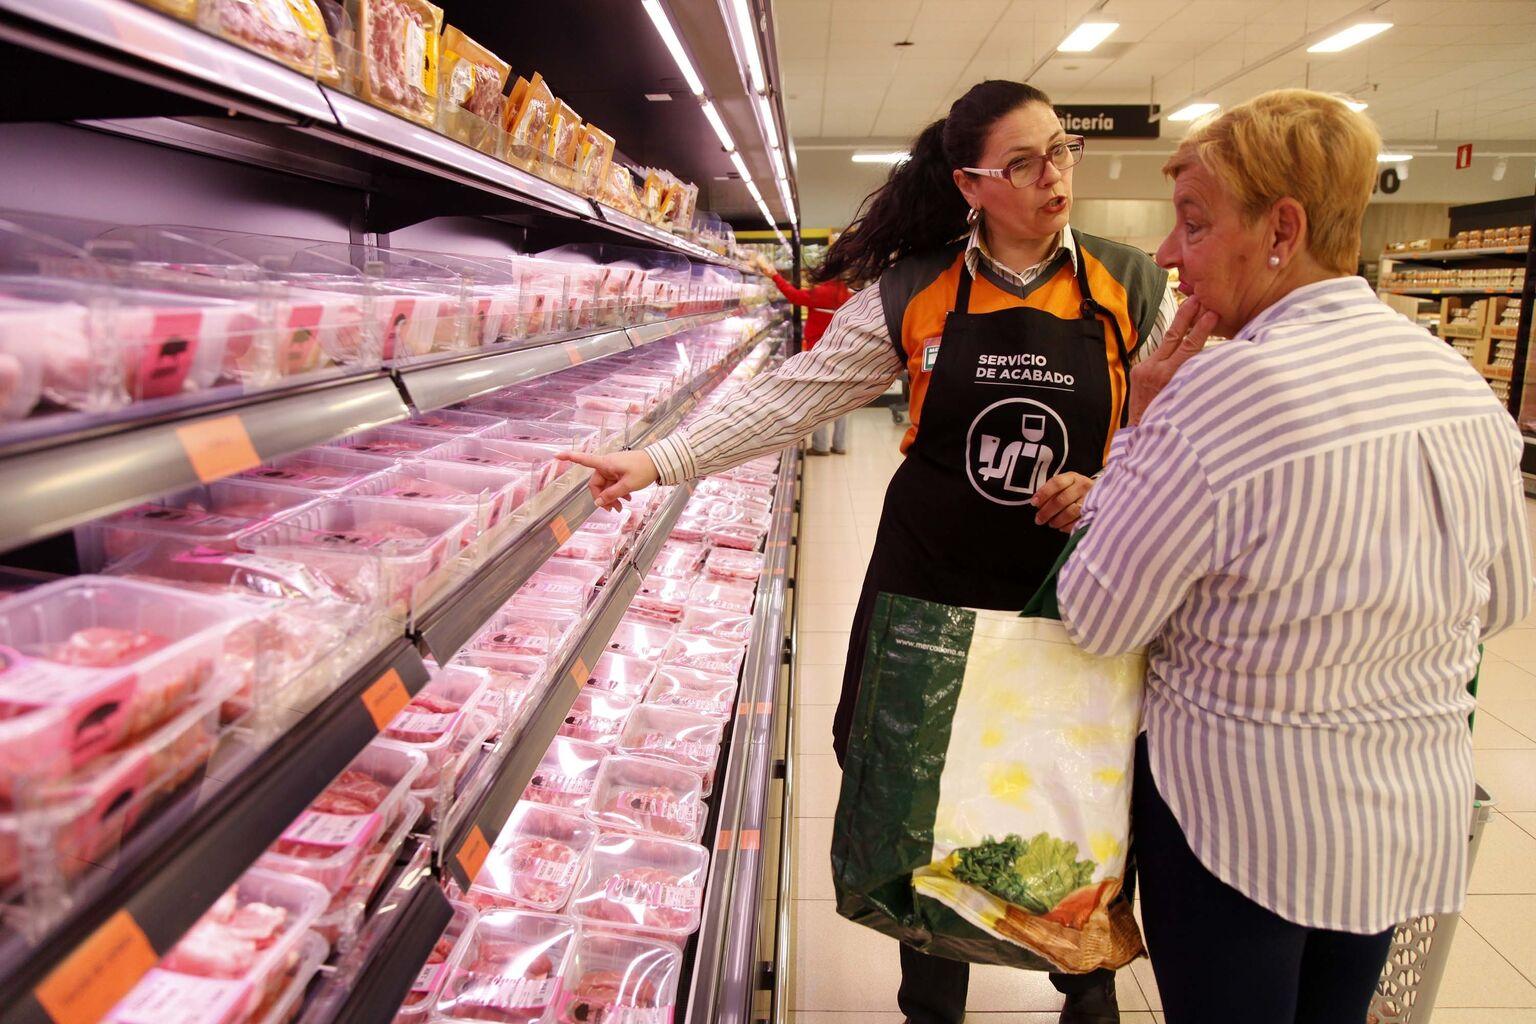 Ayamonte Marca El Nuevo Modelo De Tienda Eficiente De Mercadona